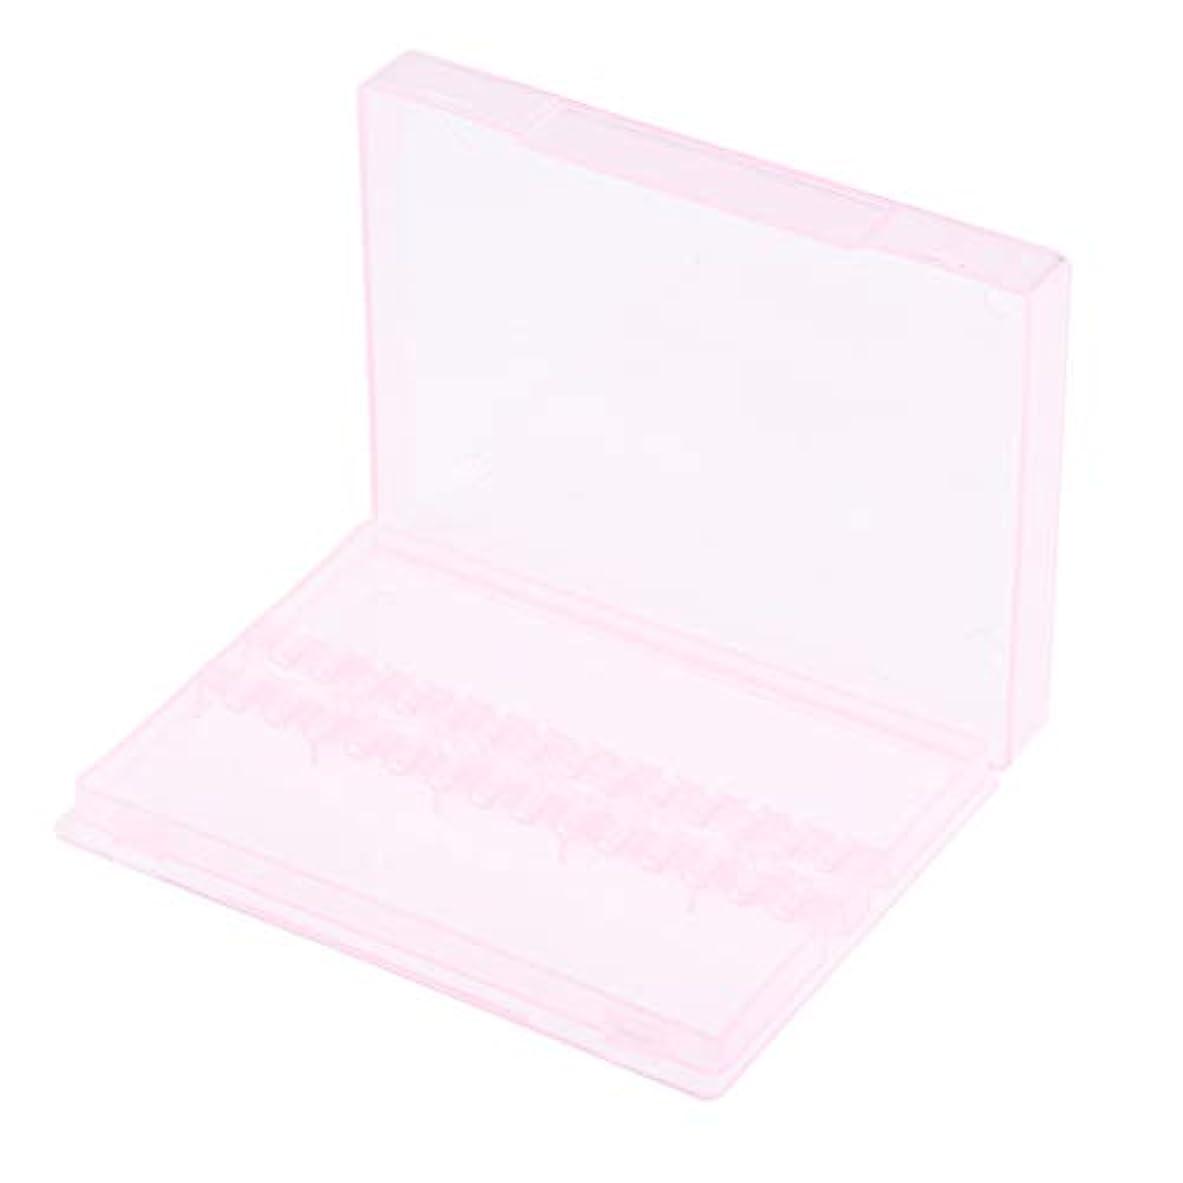 崩壊放散するボートF Fityle ネイルアート ドリルビットホルダー 空ボックス 収納ケース 2色選べ - ピンク